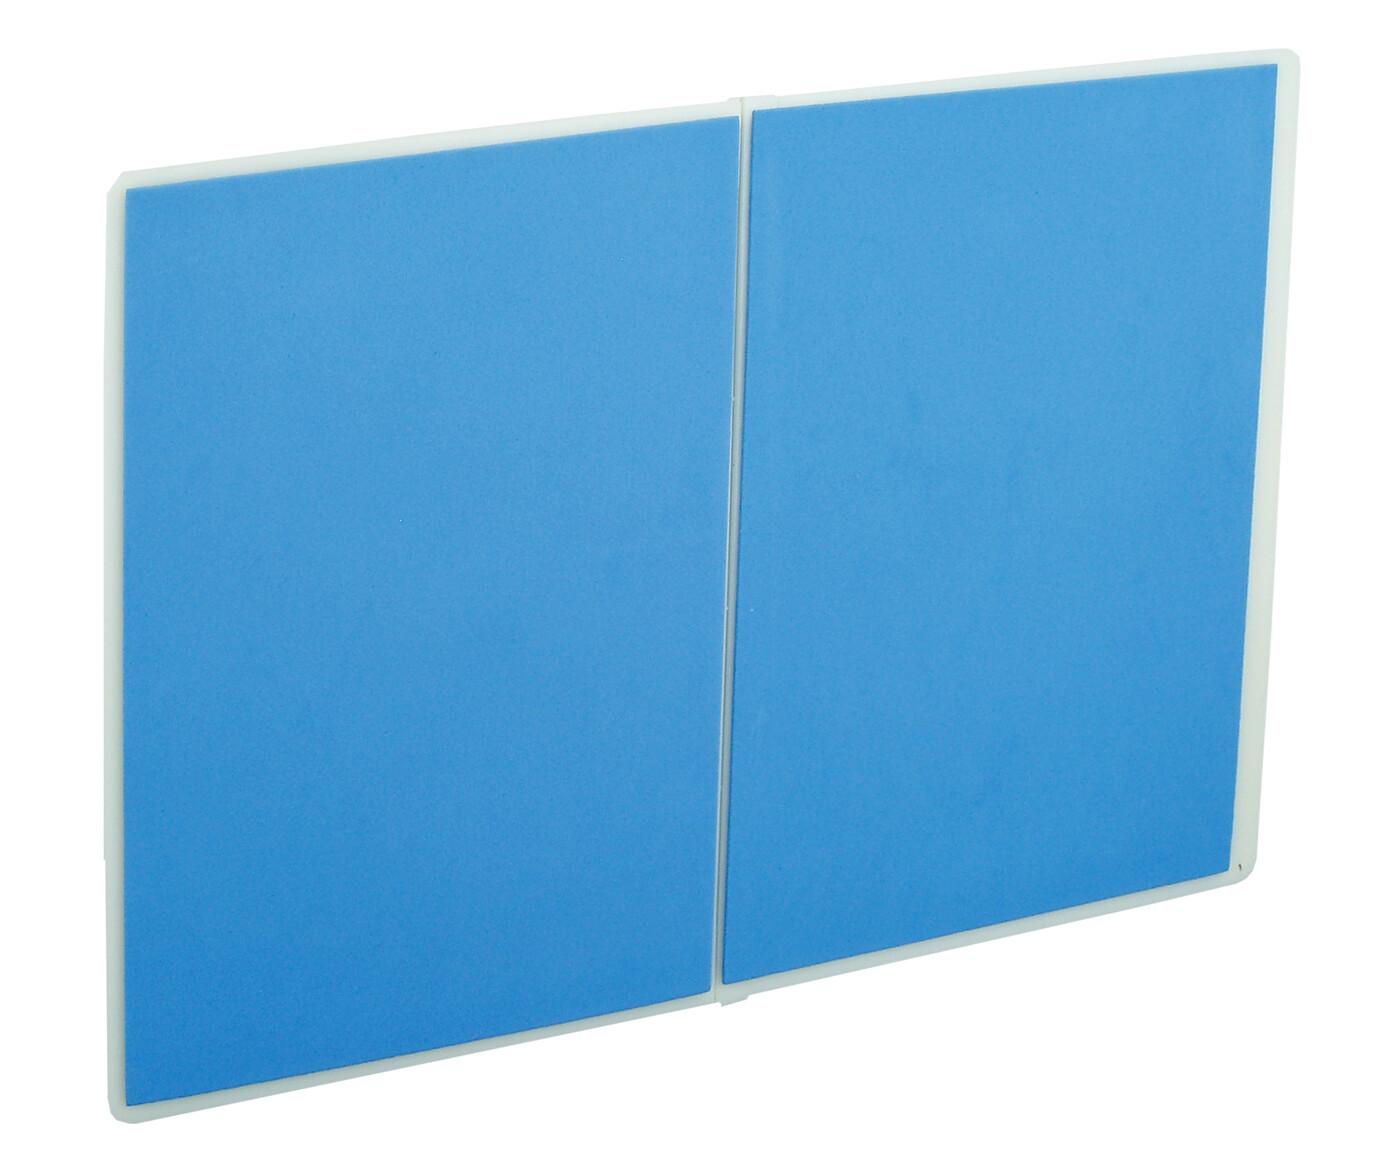 Breaking Board, Re-breakable, Flat; Blue